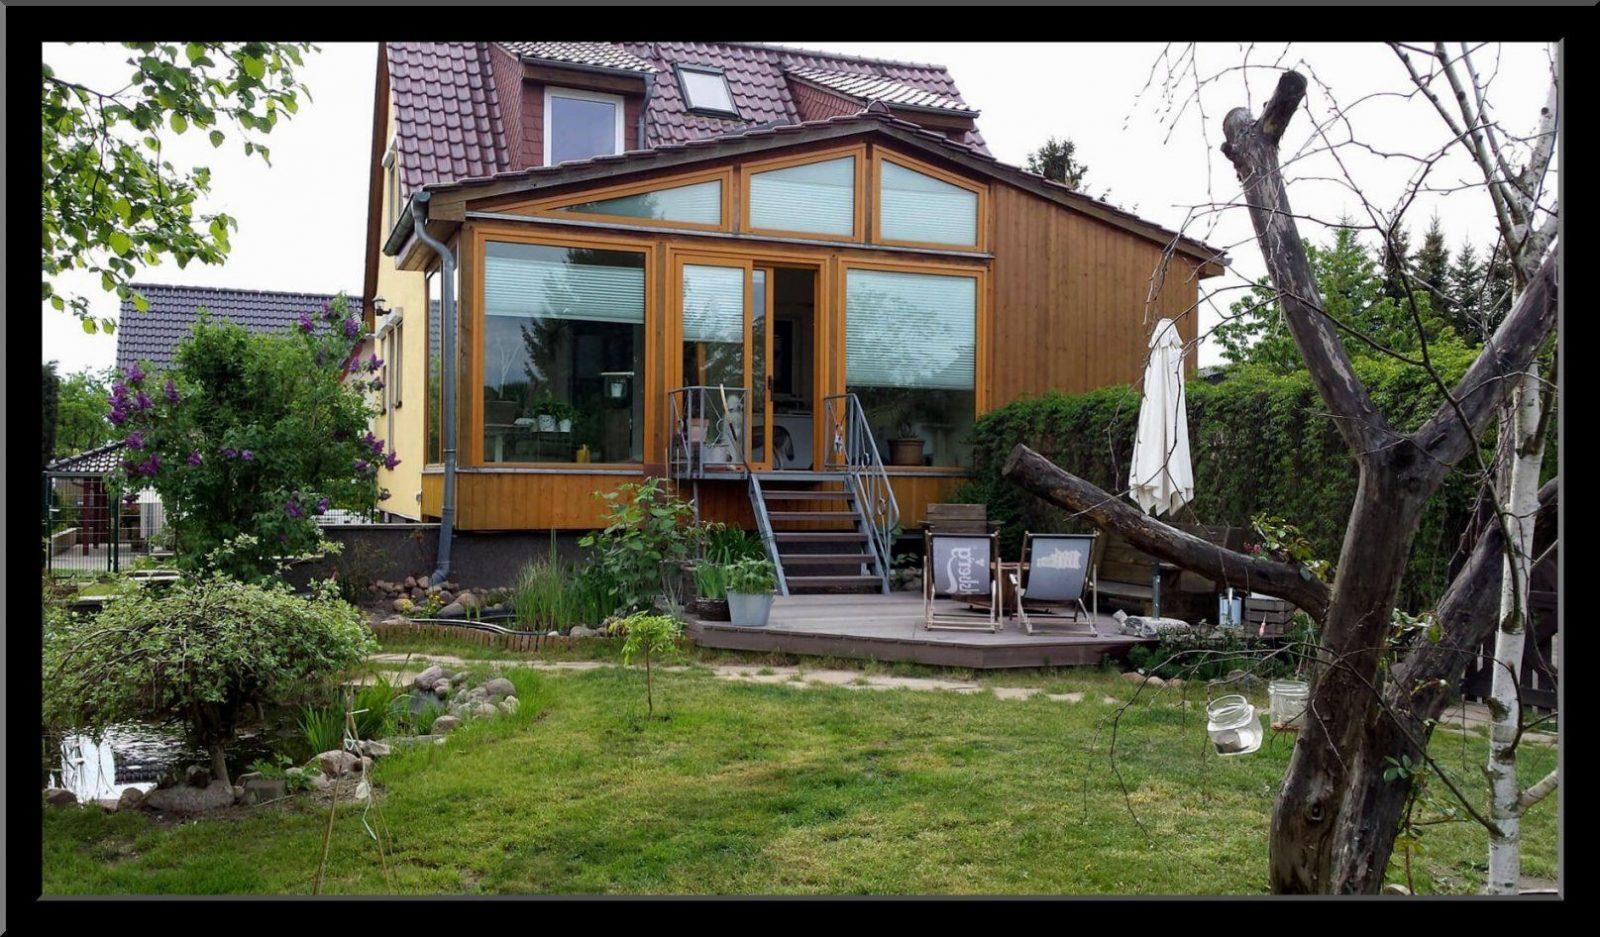 Haus Kaufen Würzburg Neu Wand Oben Haus Kaufen Würzburg von Haus Kaufen In Potsdam Photo